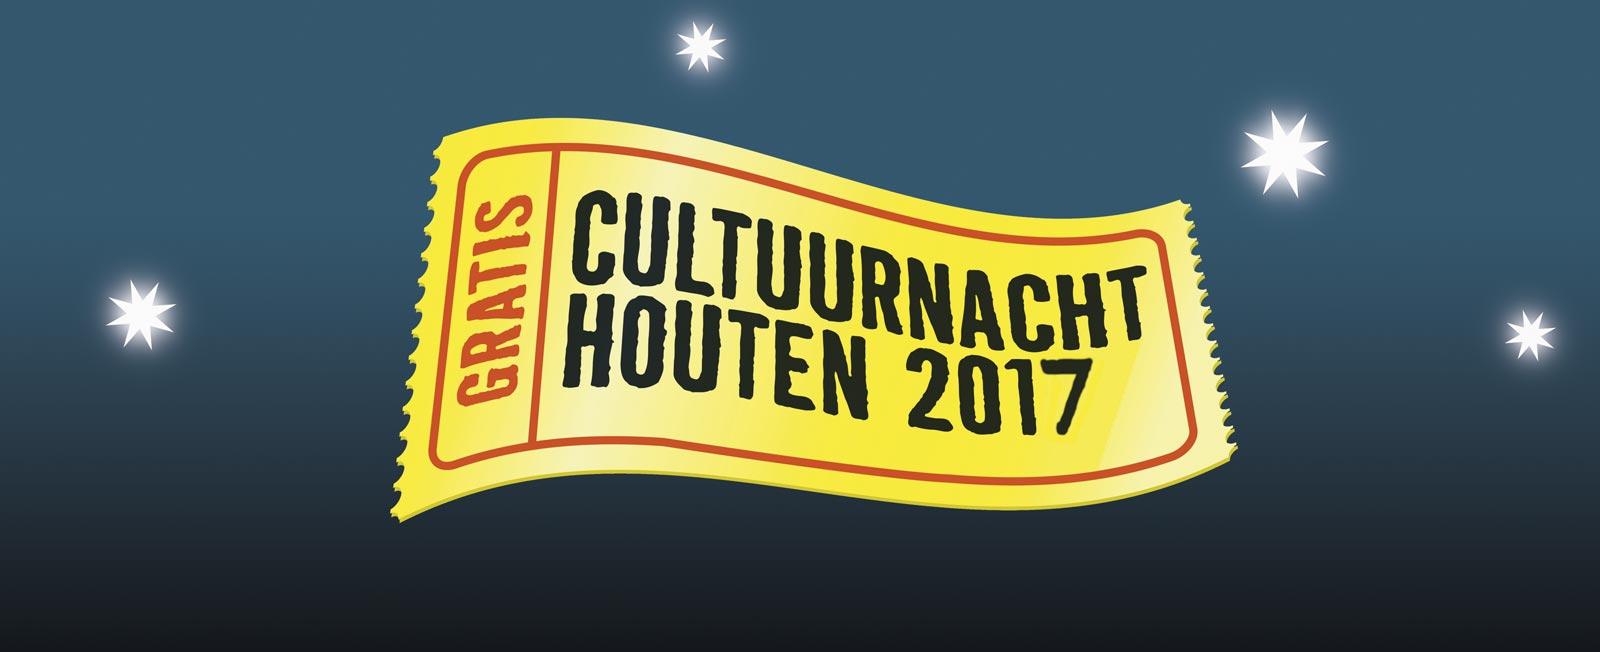 <p>Met trots kijken wij terug op een geslaagde Cultuurnacht Houten 2017. Als groot muziekliefhebber is het geweldig om te zien wat we in Houten aan talent hebben. Veel mensen kwamen op dit jaarlijks evenement af en aan de gezichten te zien met veel plezier. Een fantastisch evenement en daarom sponsoren [&hellip;]</p>